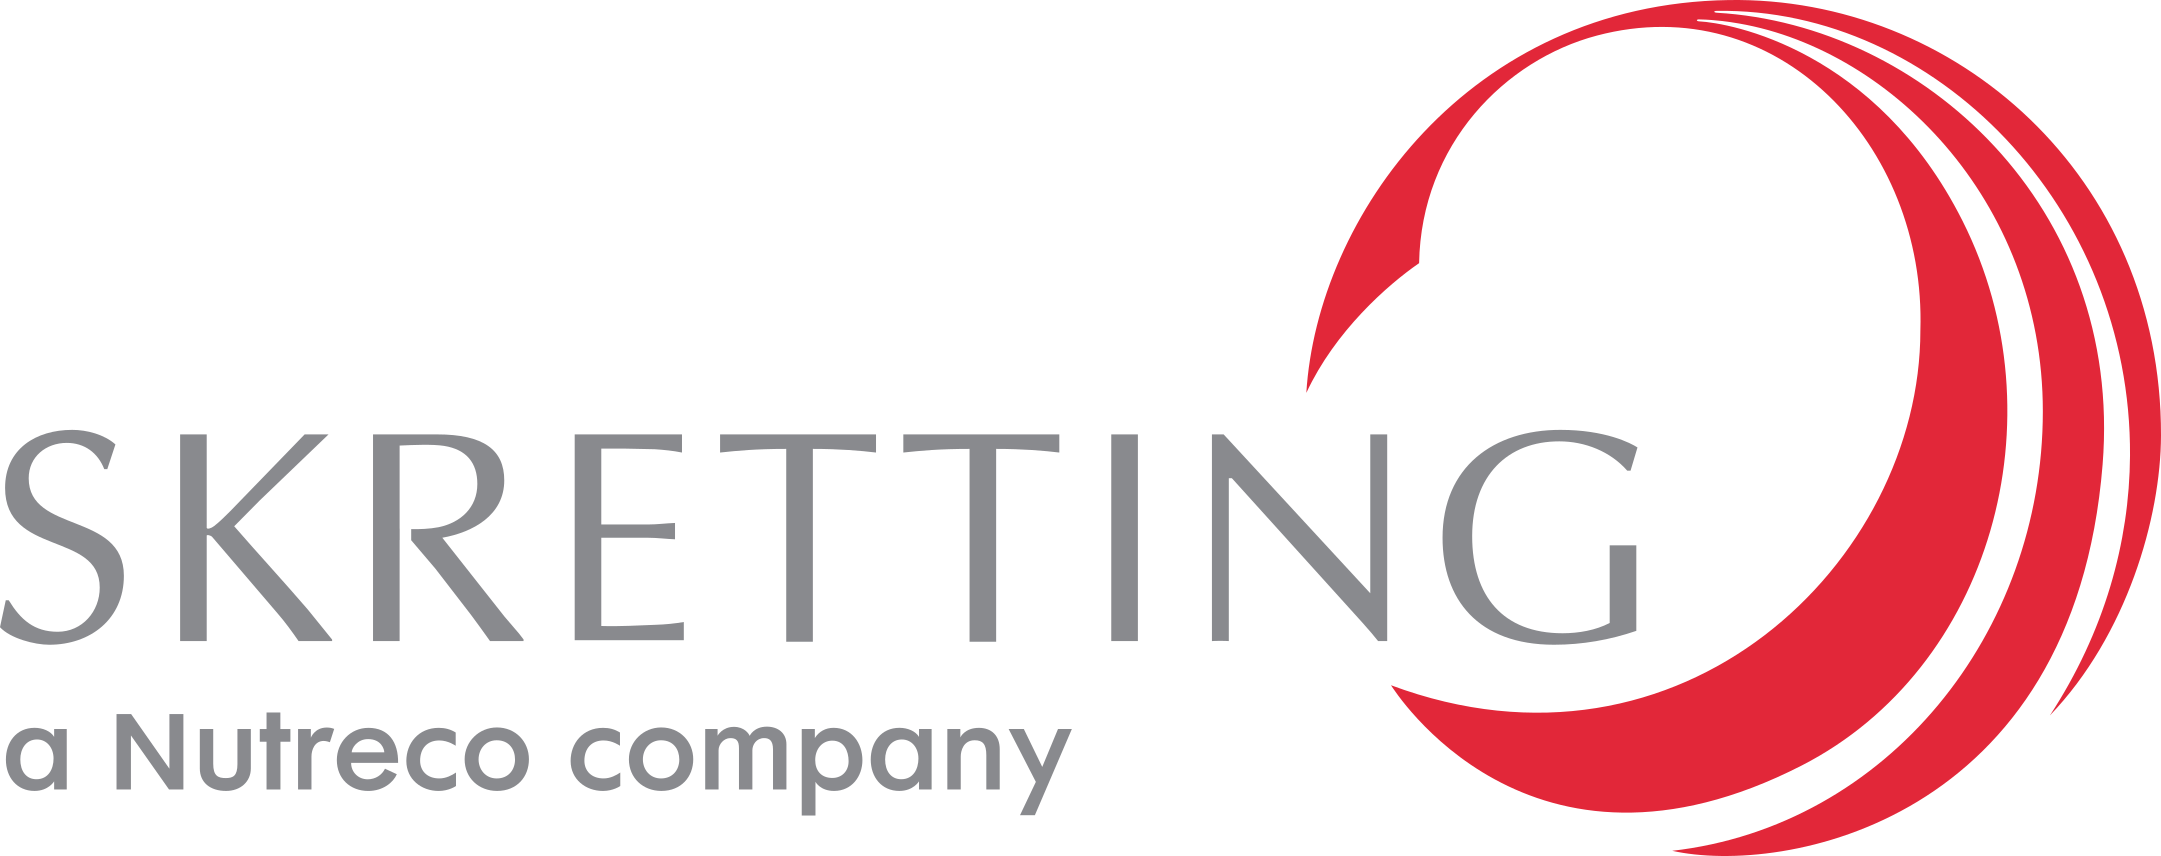 skretting logo 1 - Skretting Logo